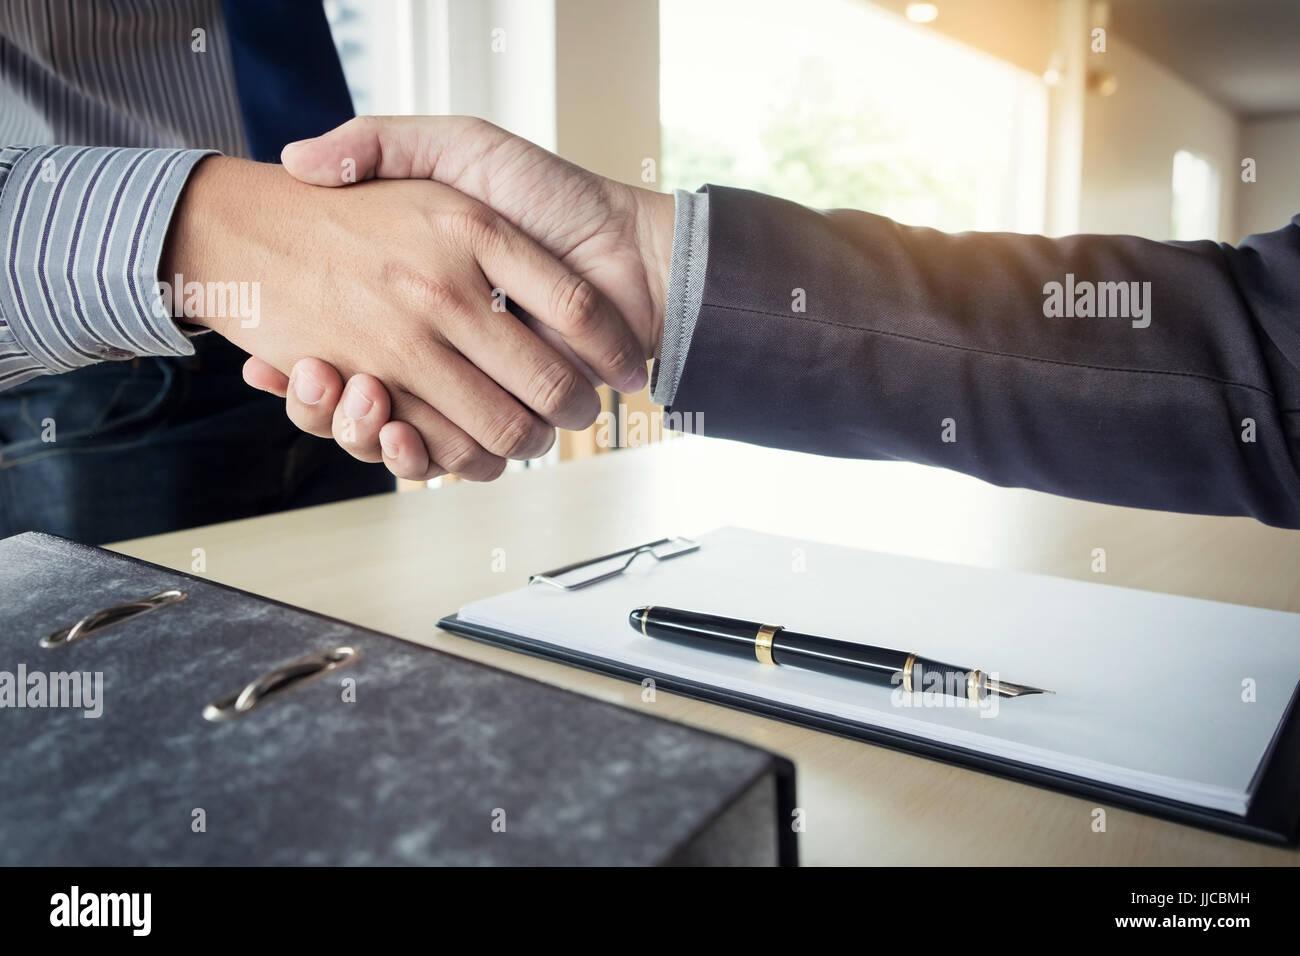 Parte media de un empresario de un apretón de manos con un entrevistador femenina recortada en la oficina. Imagen De Stock